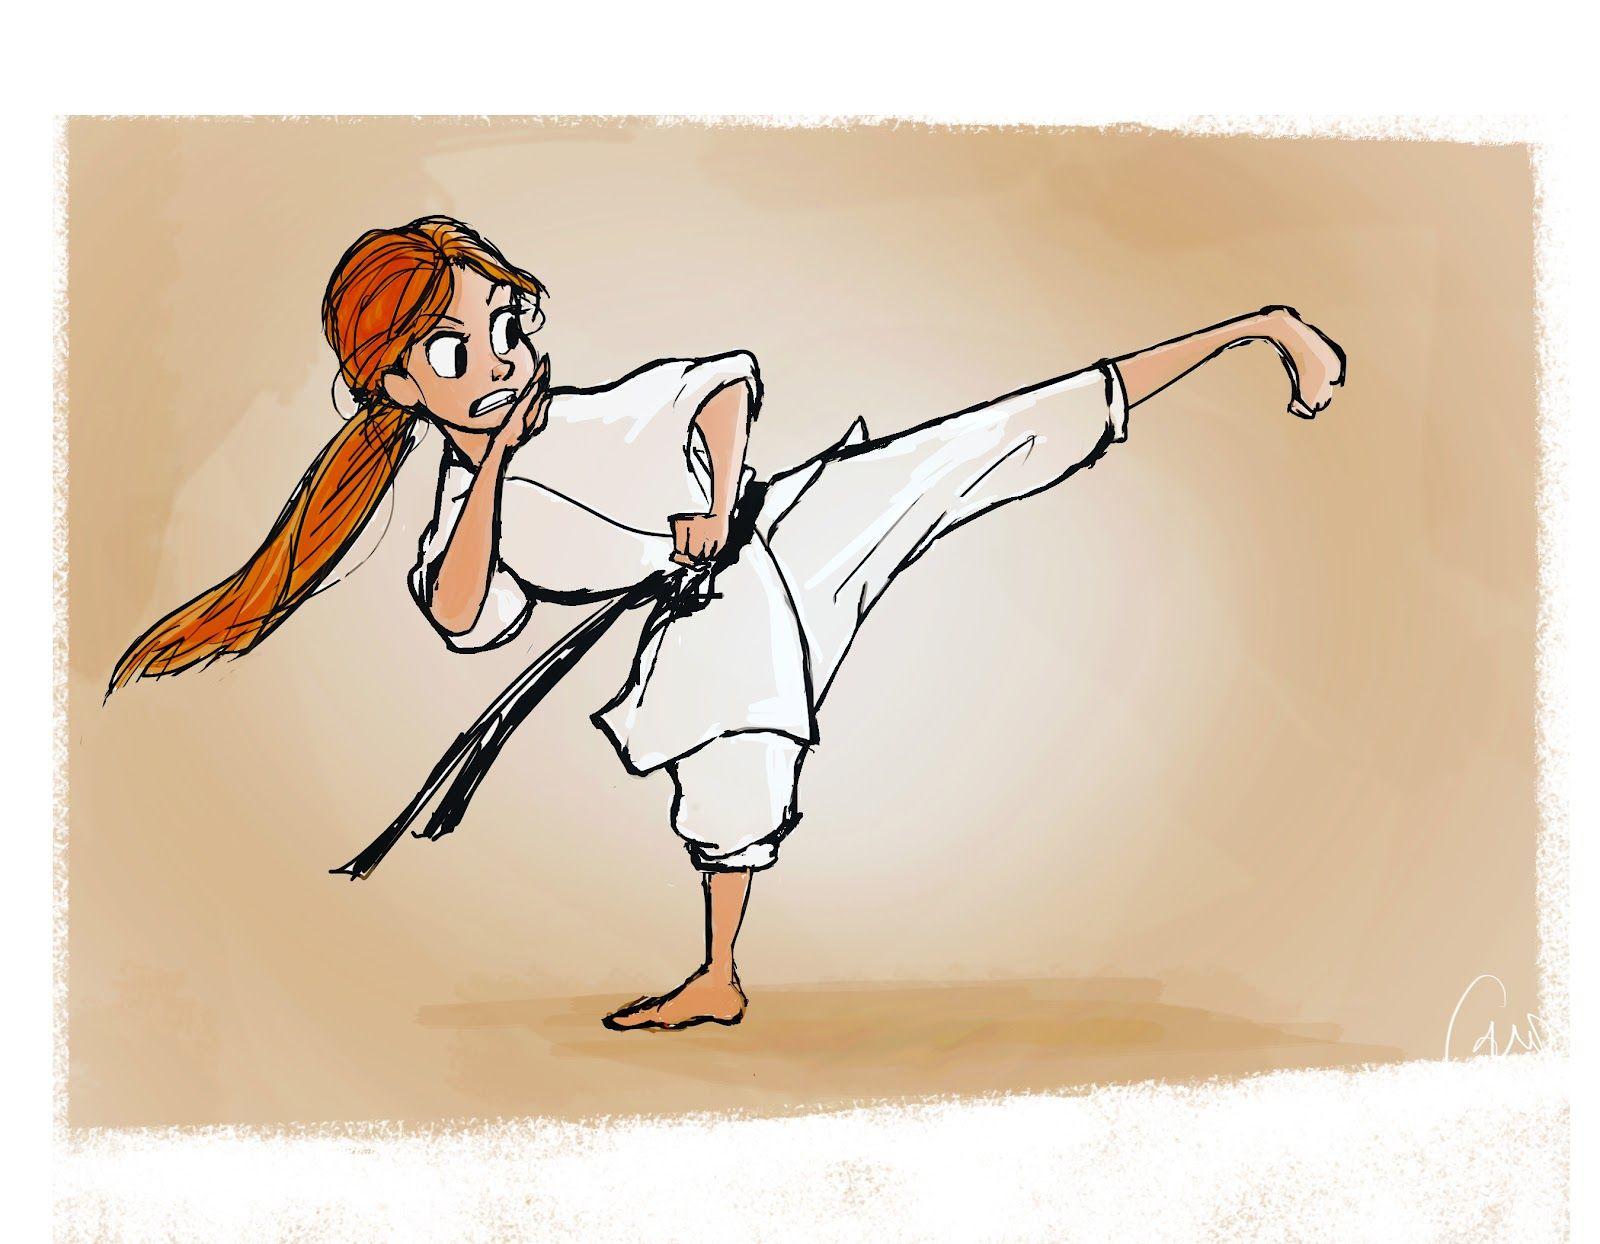 Karate Las Chicas Son Guerreras Ilustracoes Mulheres De Artes Marciais Desenhos